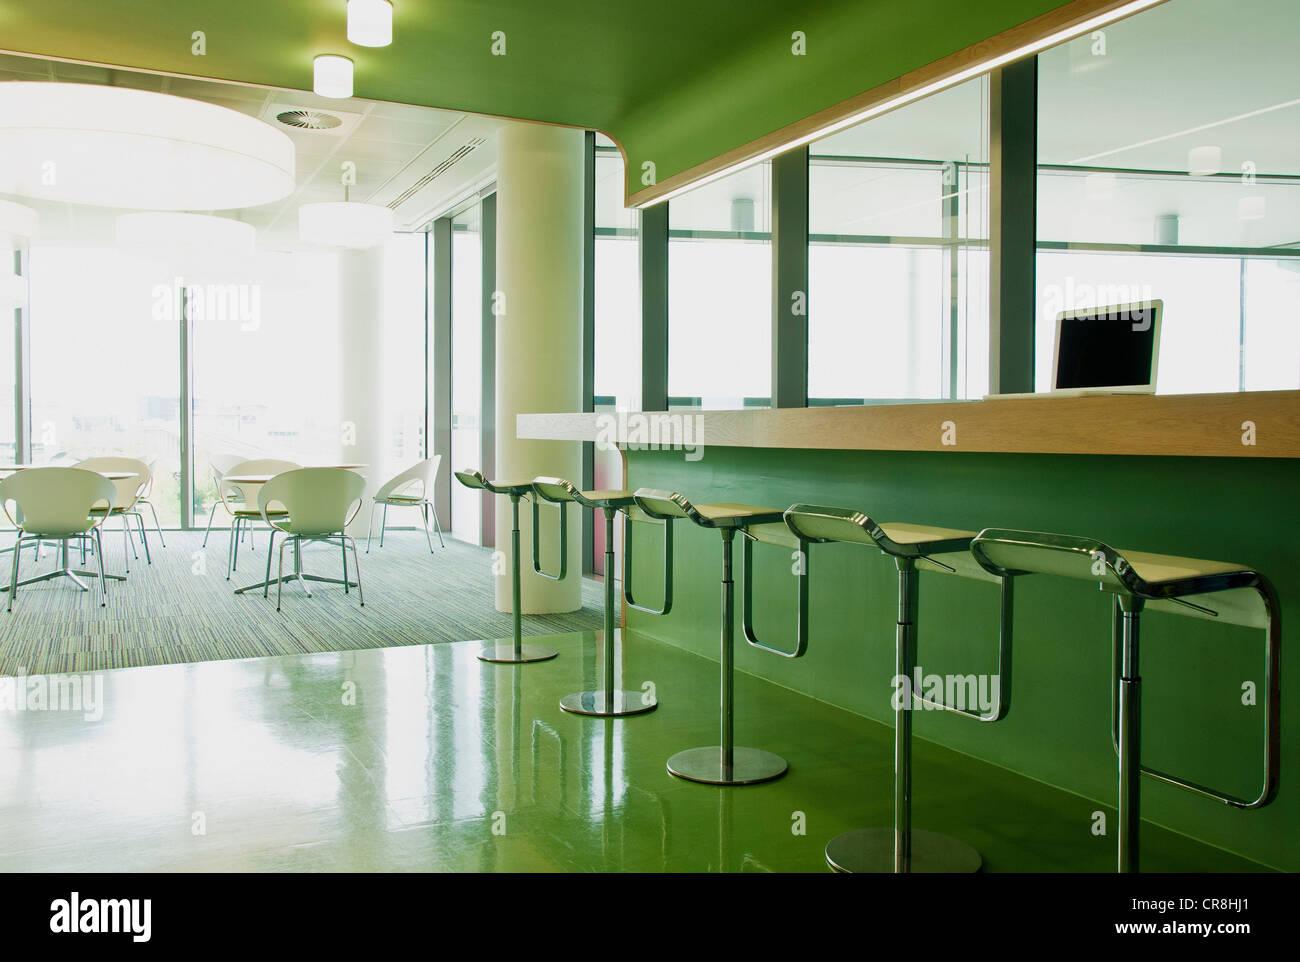 Sgabelli e sedie in ufficio vuoto blocco foto immagine stock